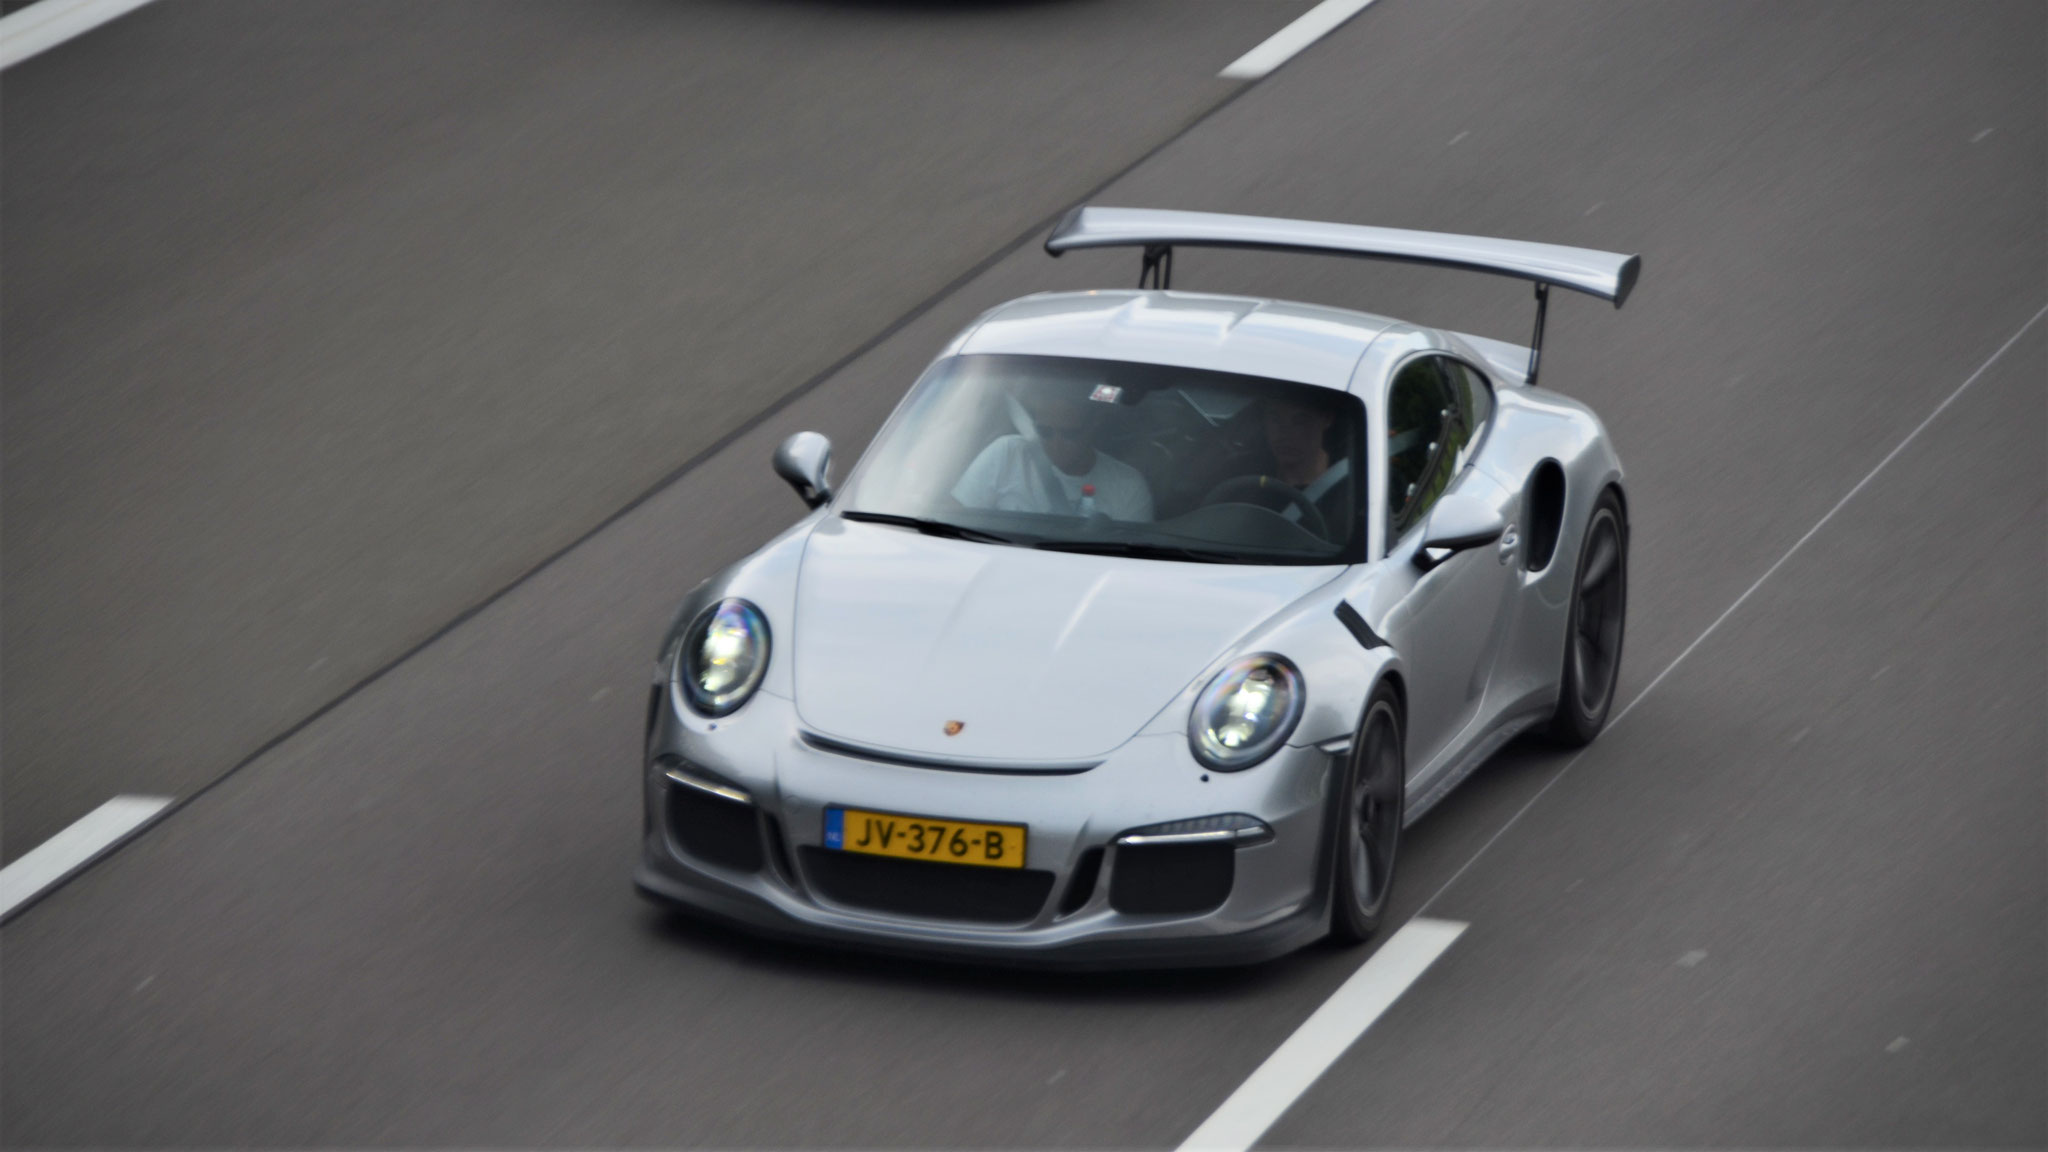 Porsche 911 GT3 RS - JV-376-B (NL)